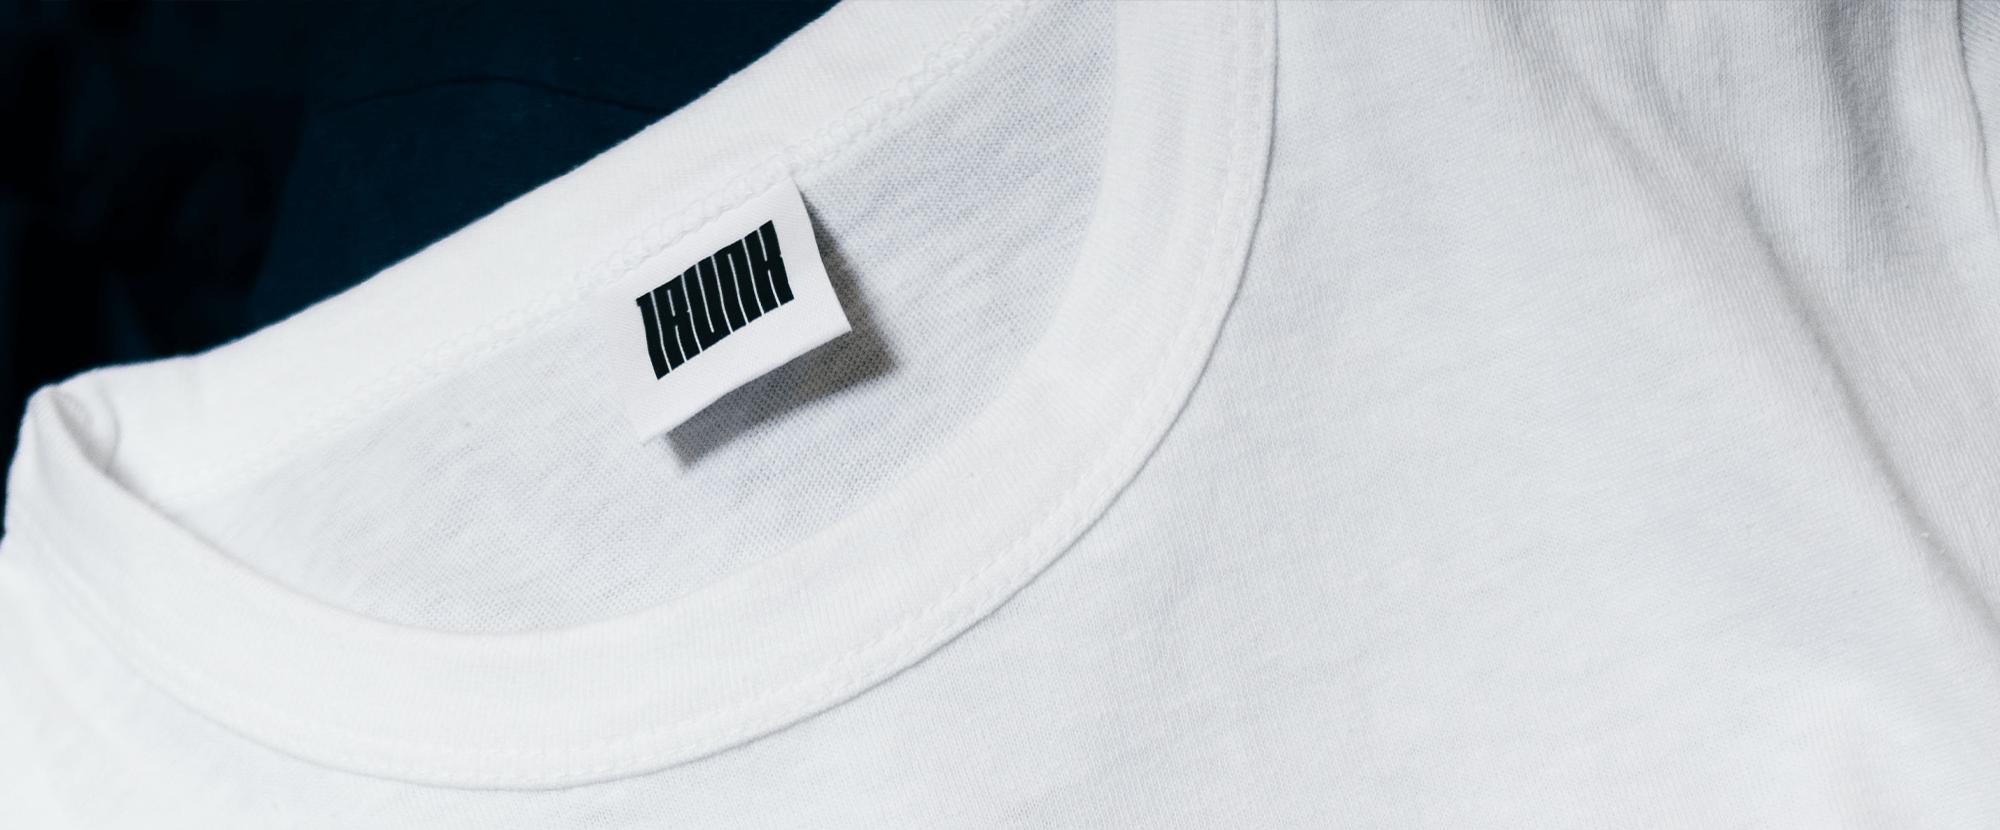 You are currently viewing Où trouver des t-shirts de qualité sans étiquette ?